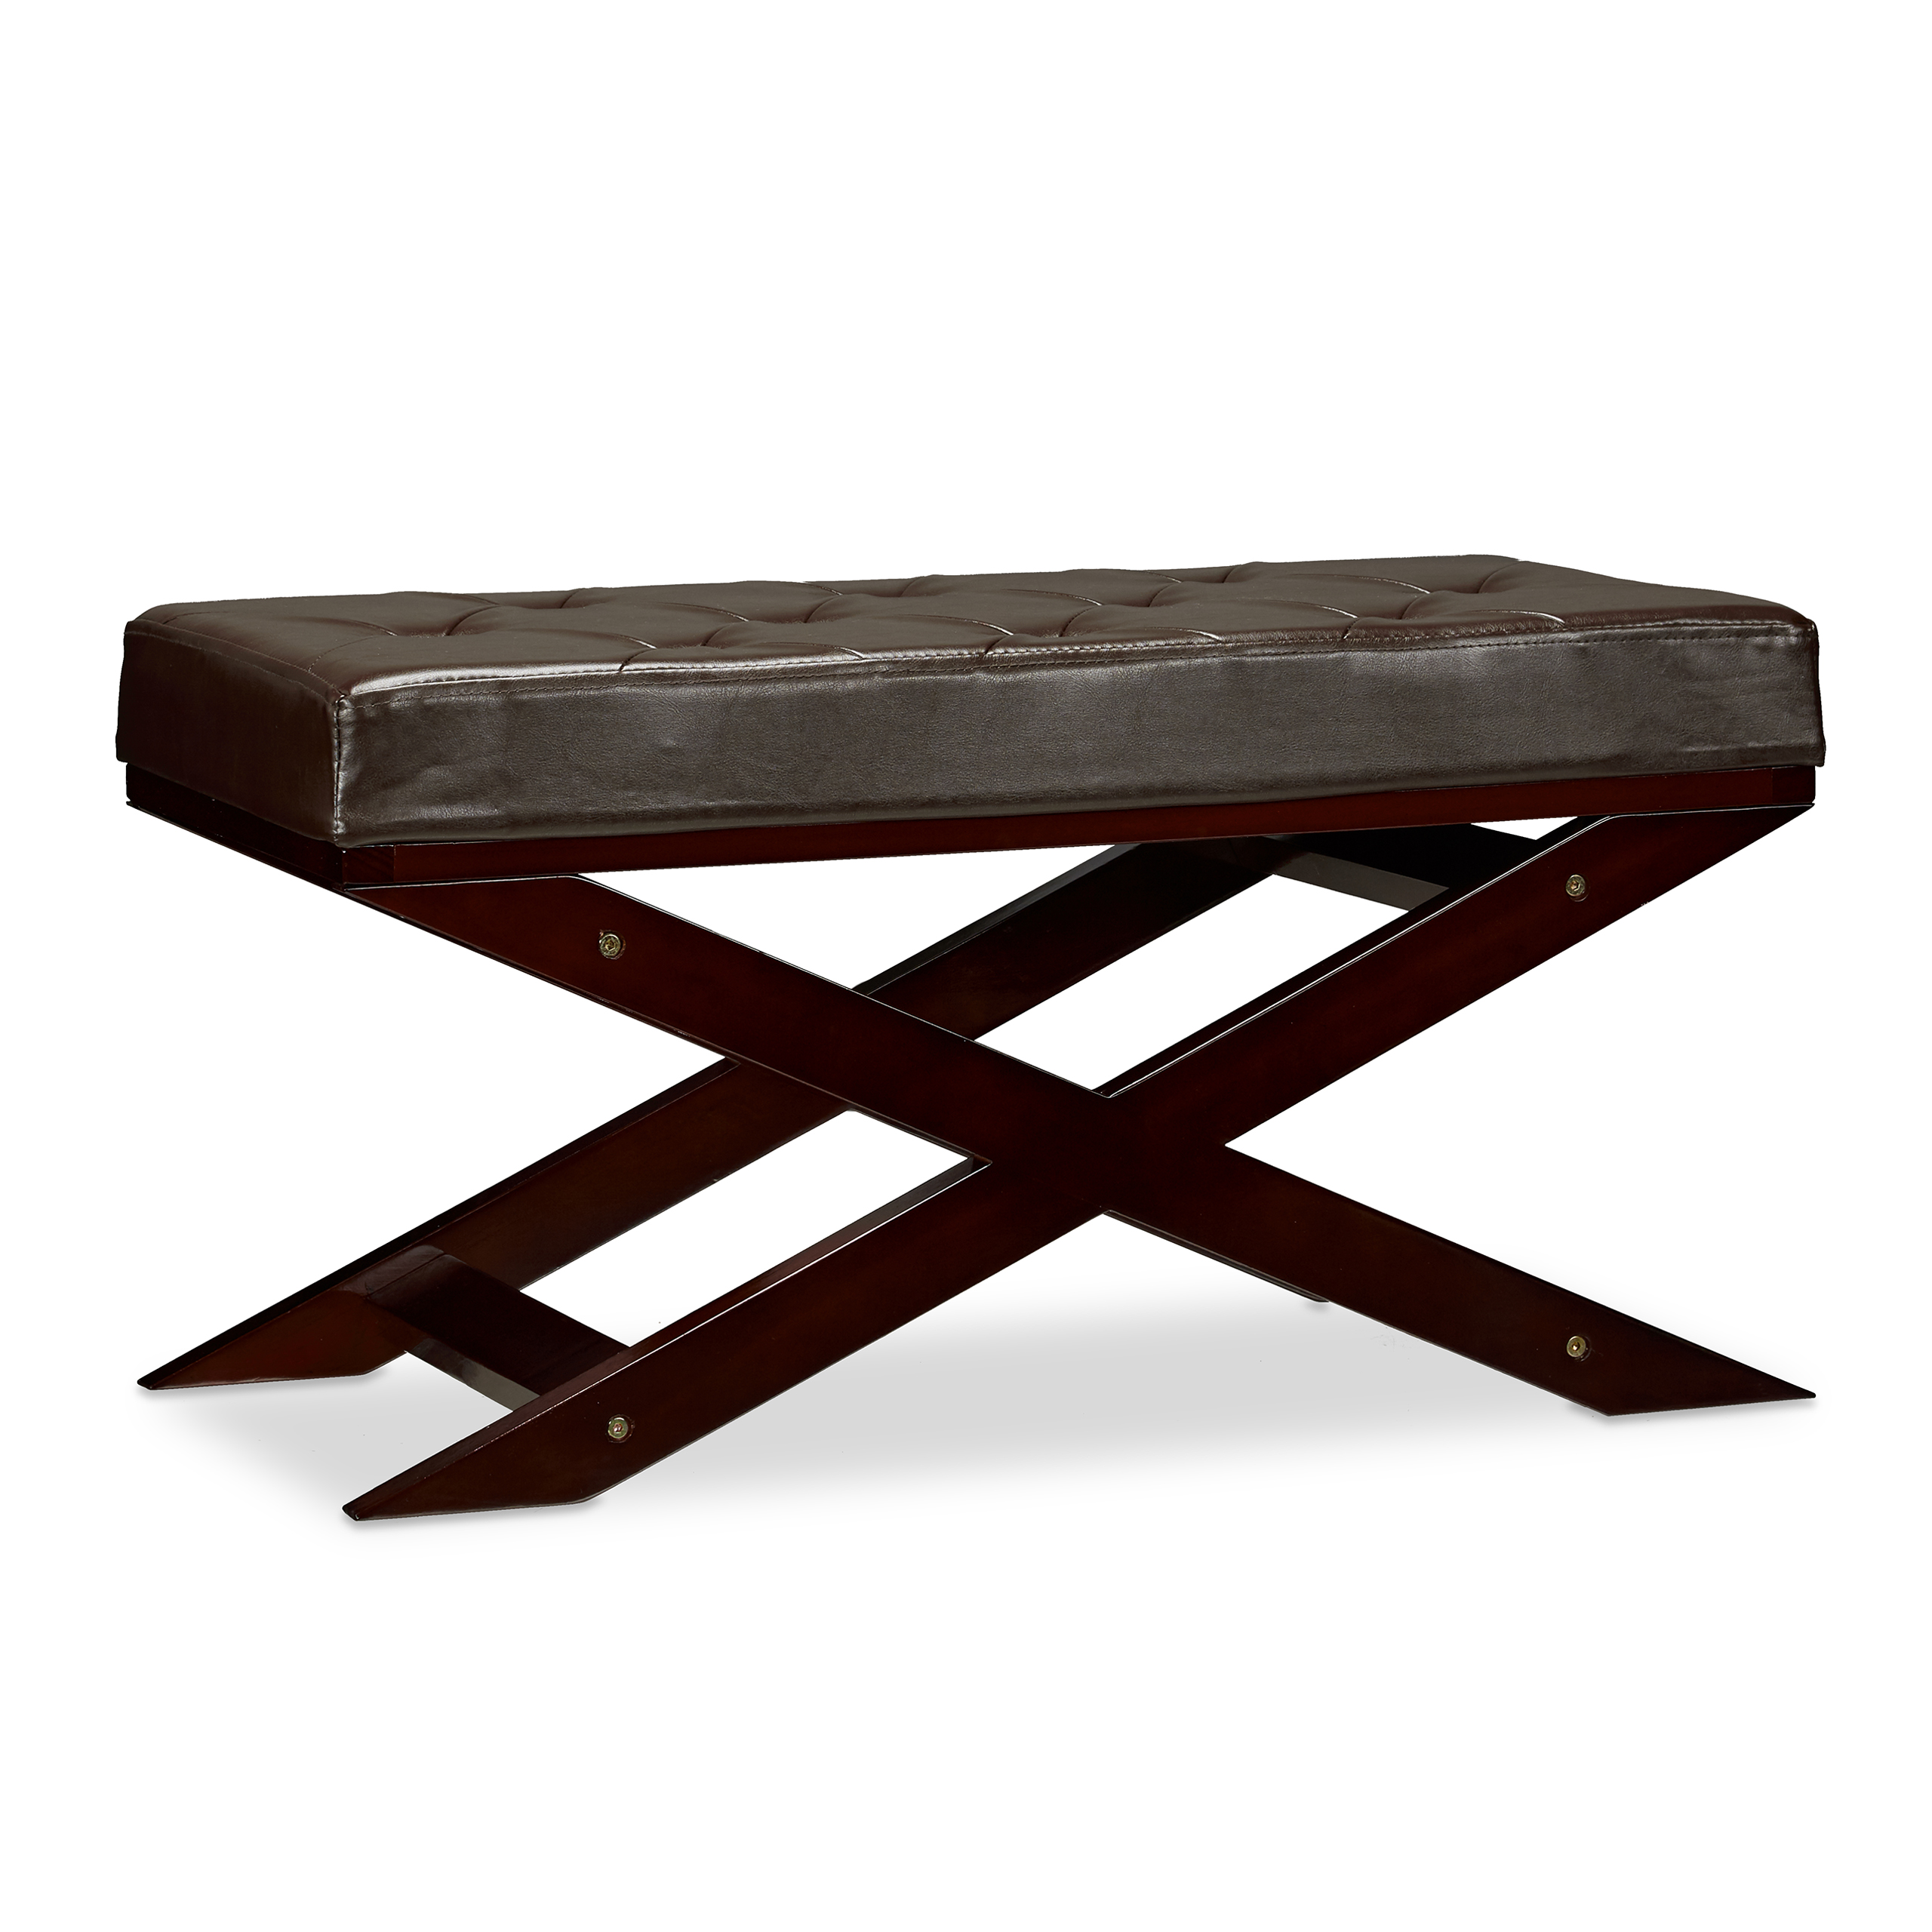 Sitzbank mit Polster ohne Lehne Holz Esszimmer, Küche, Flur ...